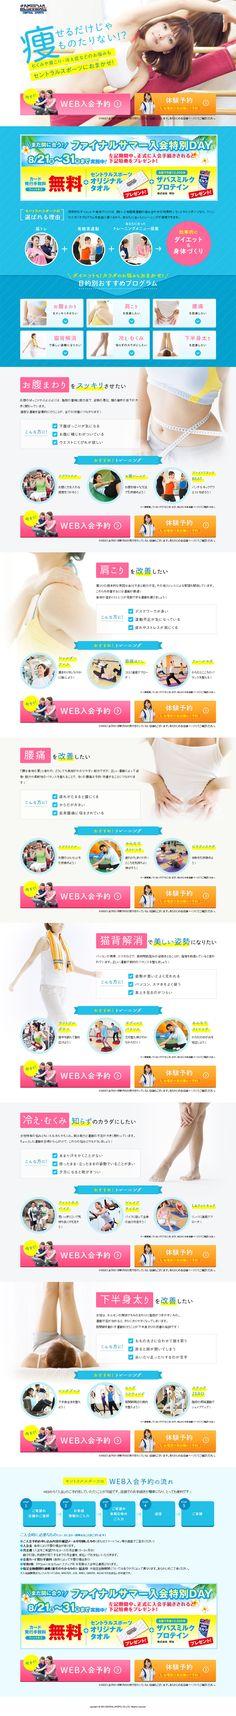 ファイナルサマー入会特別DAY|WEBデザイナーさん必見!ランディングページのデザイン参考に(健康・癒し系)